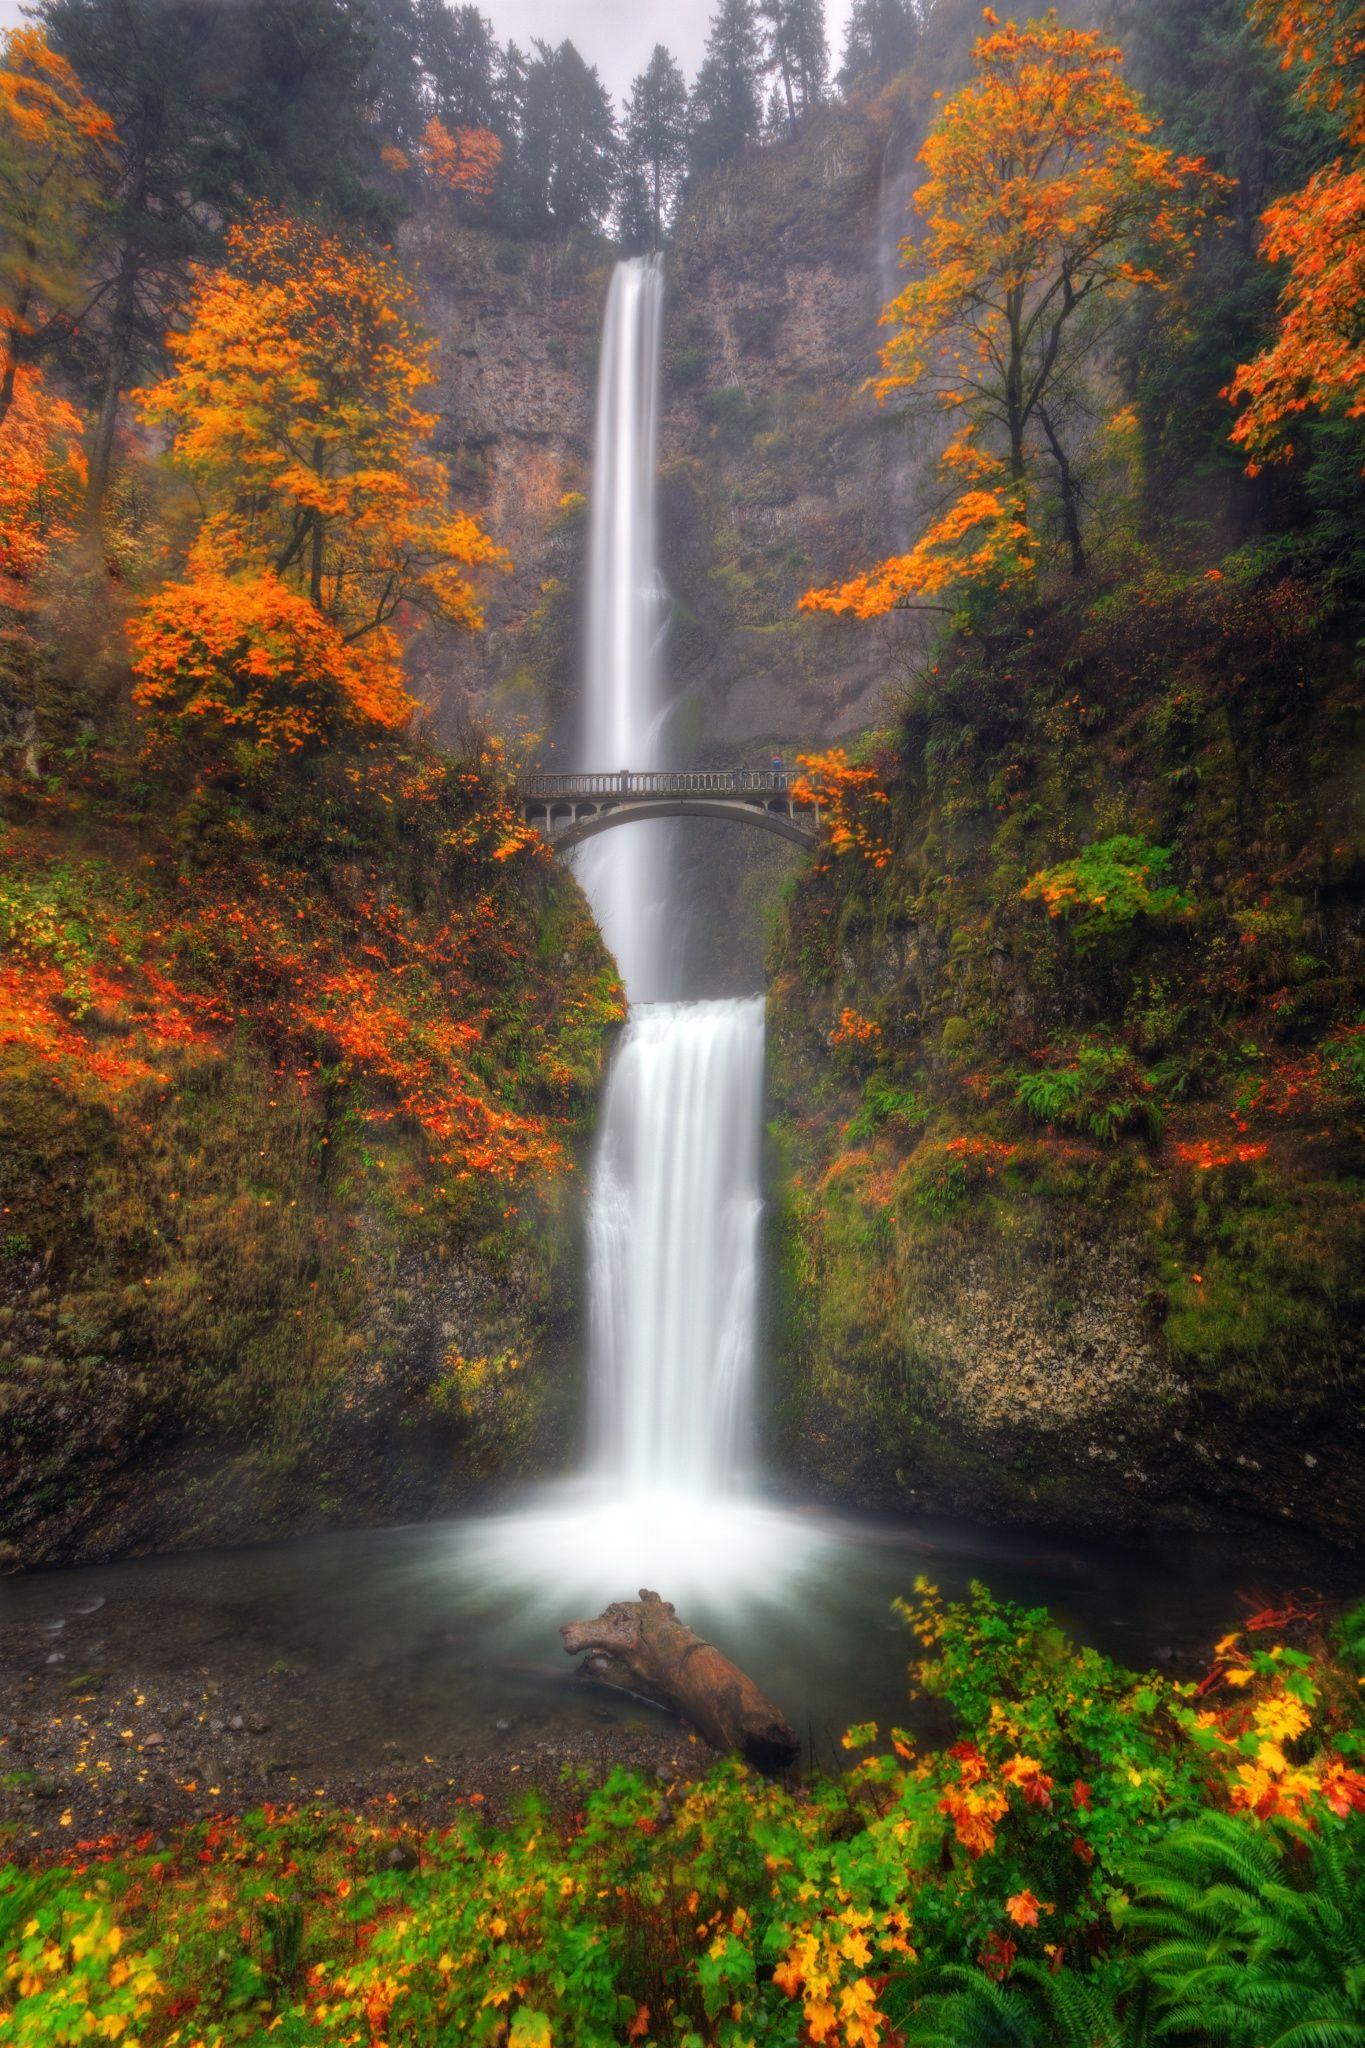 Multnomah Falls Oregon Wallpaper Multnomah Falls With Autumn Colors Leaves Turn Brown And